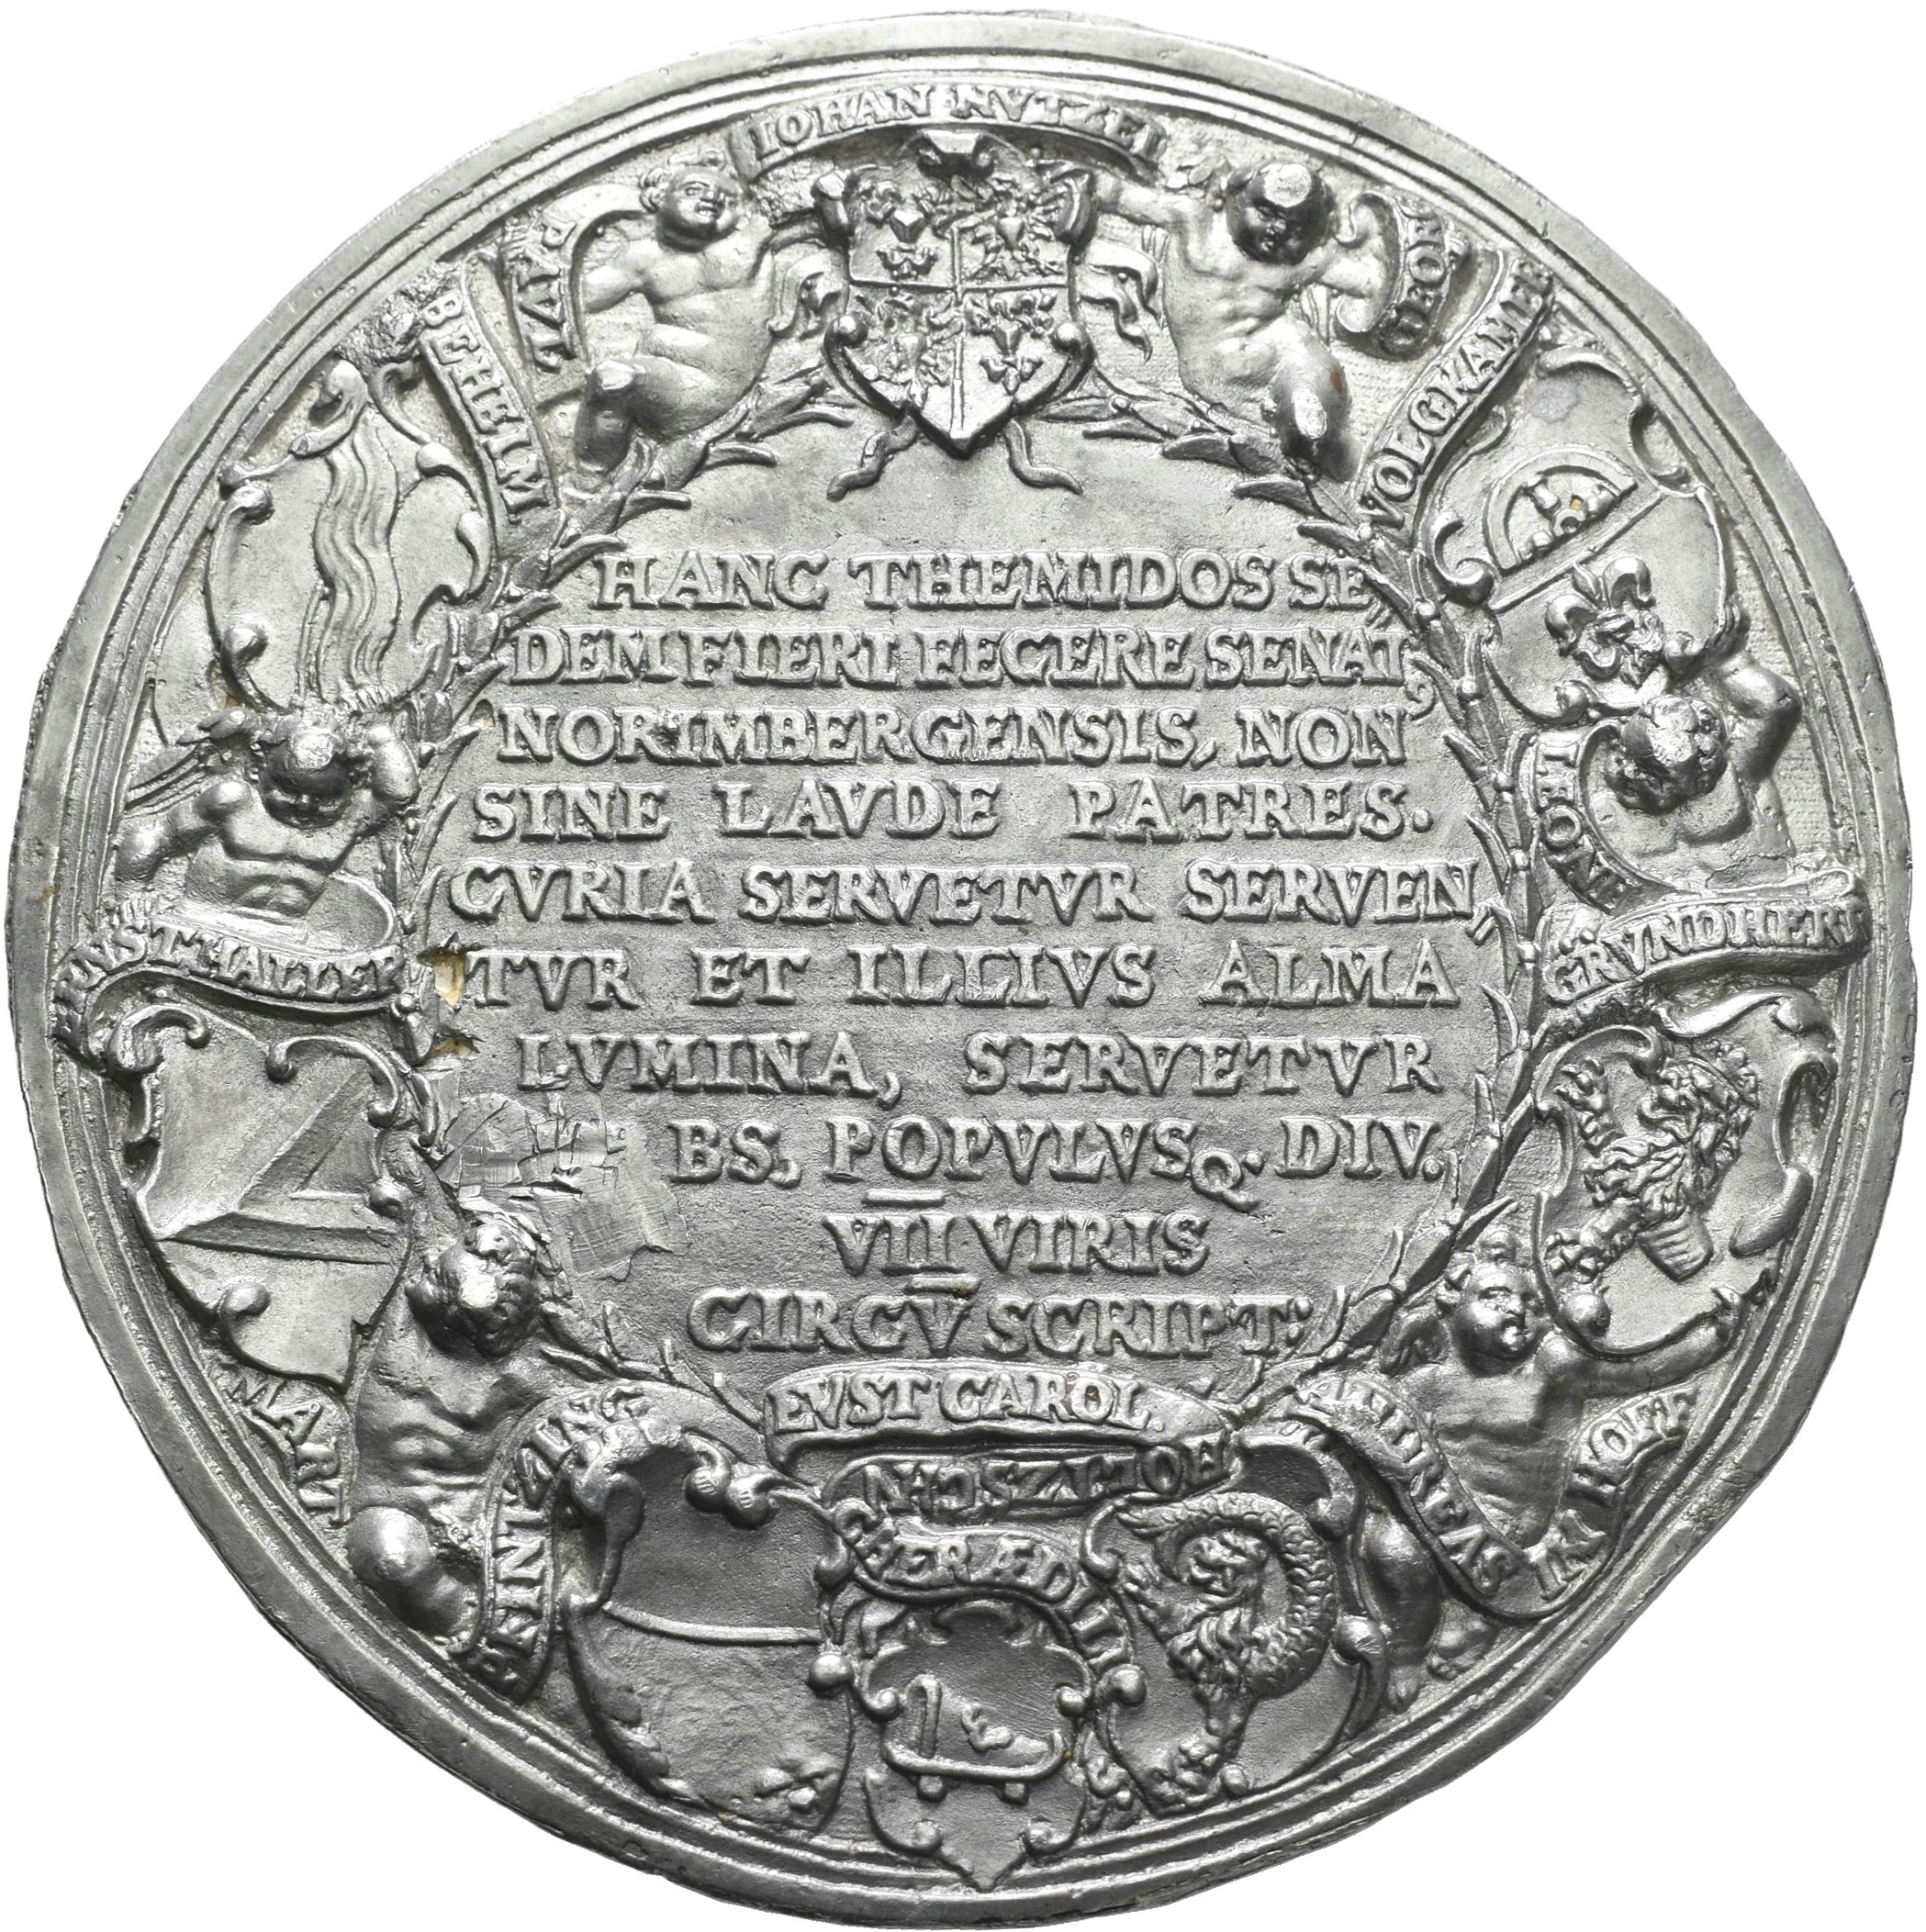 Lot 02453 - Medaillen Deutschland - Geographisch | Münzen  -  Auktionshaus Christoph Gärtner GmbH & Co. KG Sale #48 The Coins & The Picture Post Cards